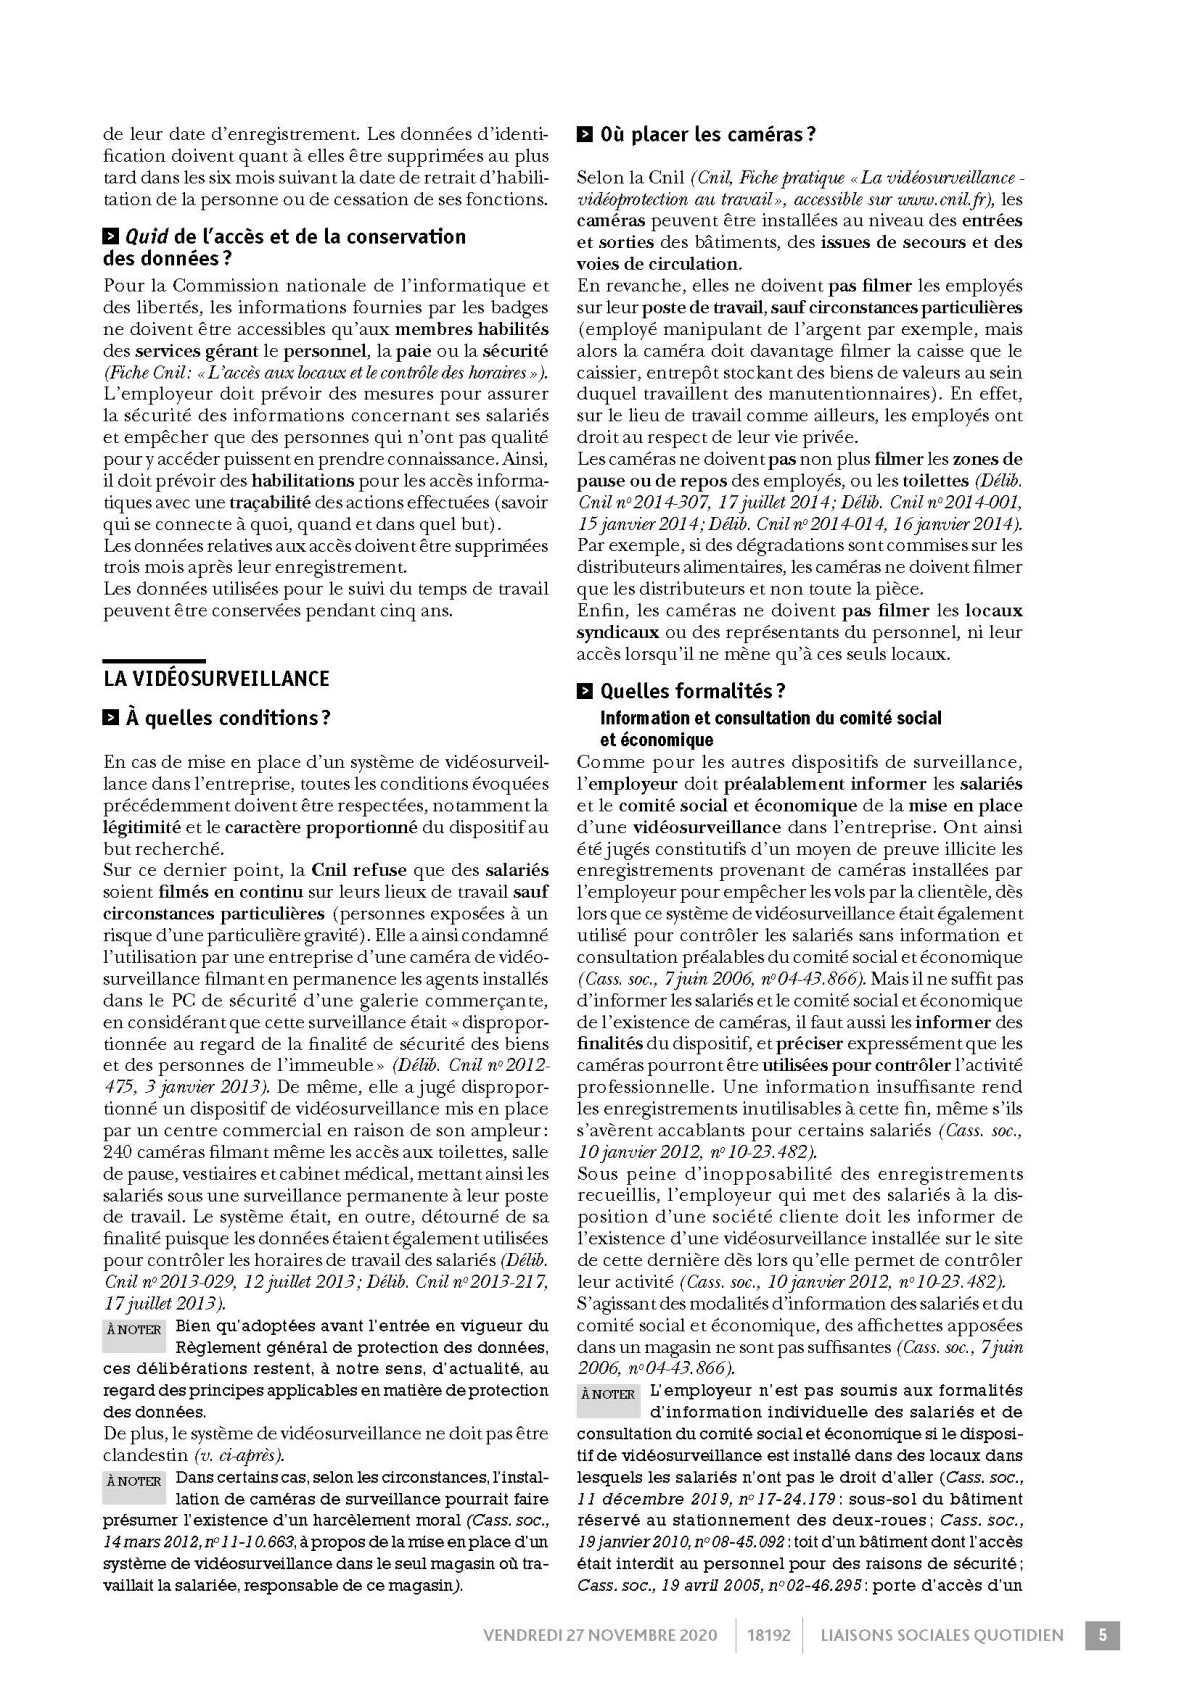 LSQ La surveillance de l 'activité des salariés (droits et obligations de l'employeur)